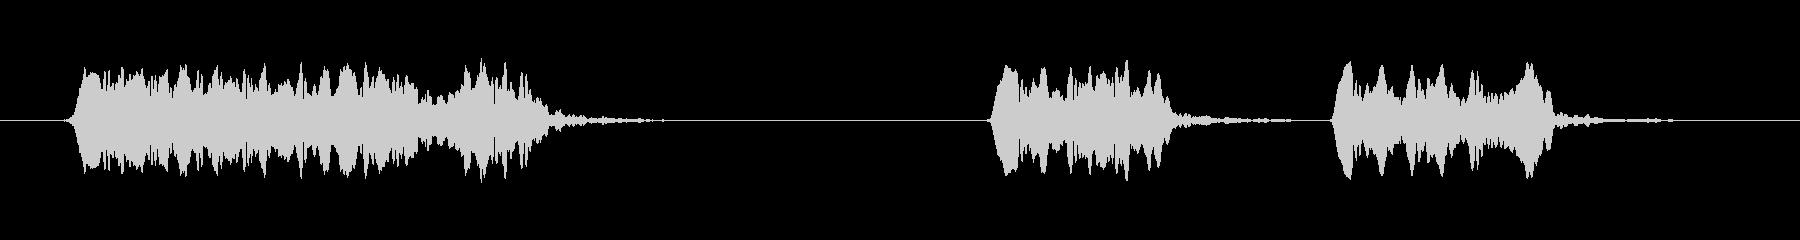 スモールメタルピーホイッスル:ロン...の未再生の波形